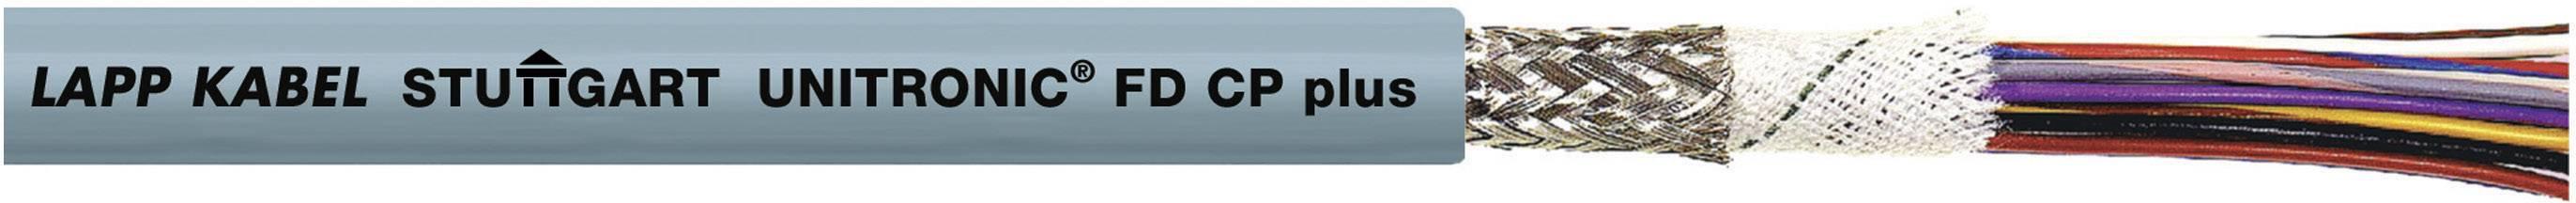 Datový kabel LappKabel UNITRONIC FD CP PLUS 4X0,34 (0028900), 4x 0,34 mm², Ø 6 mm, stíněný, 100 m, šedá